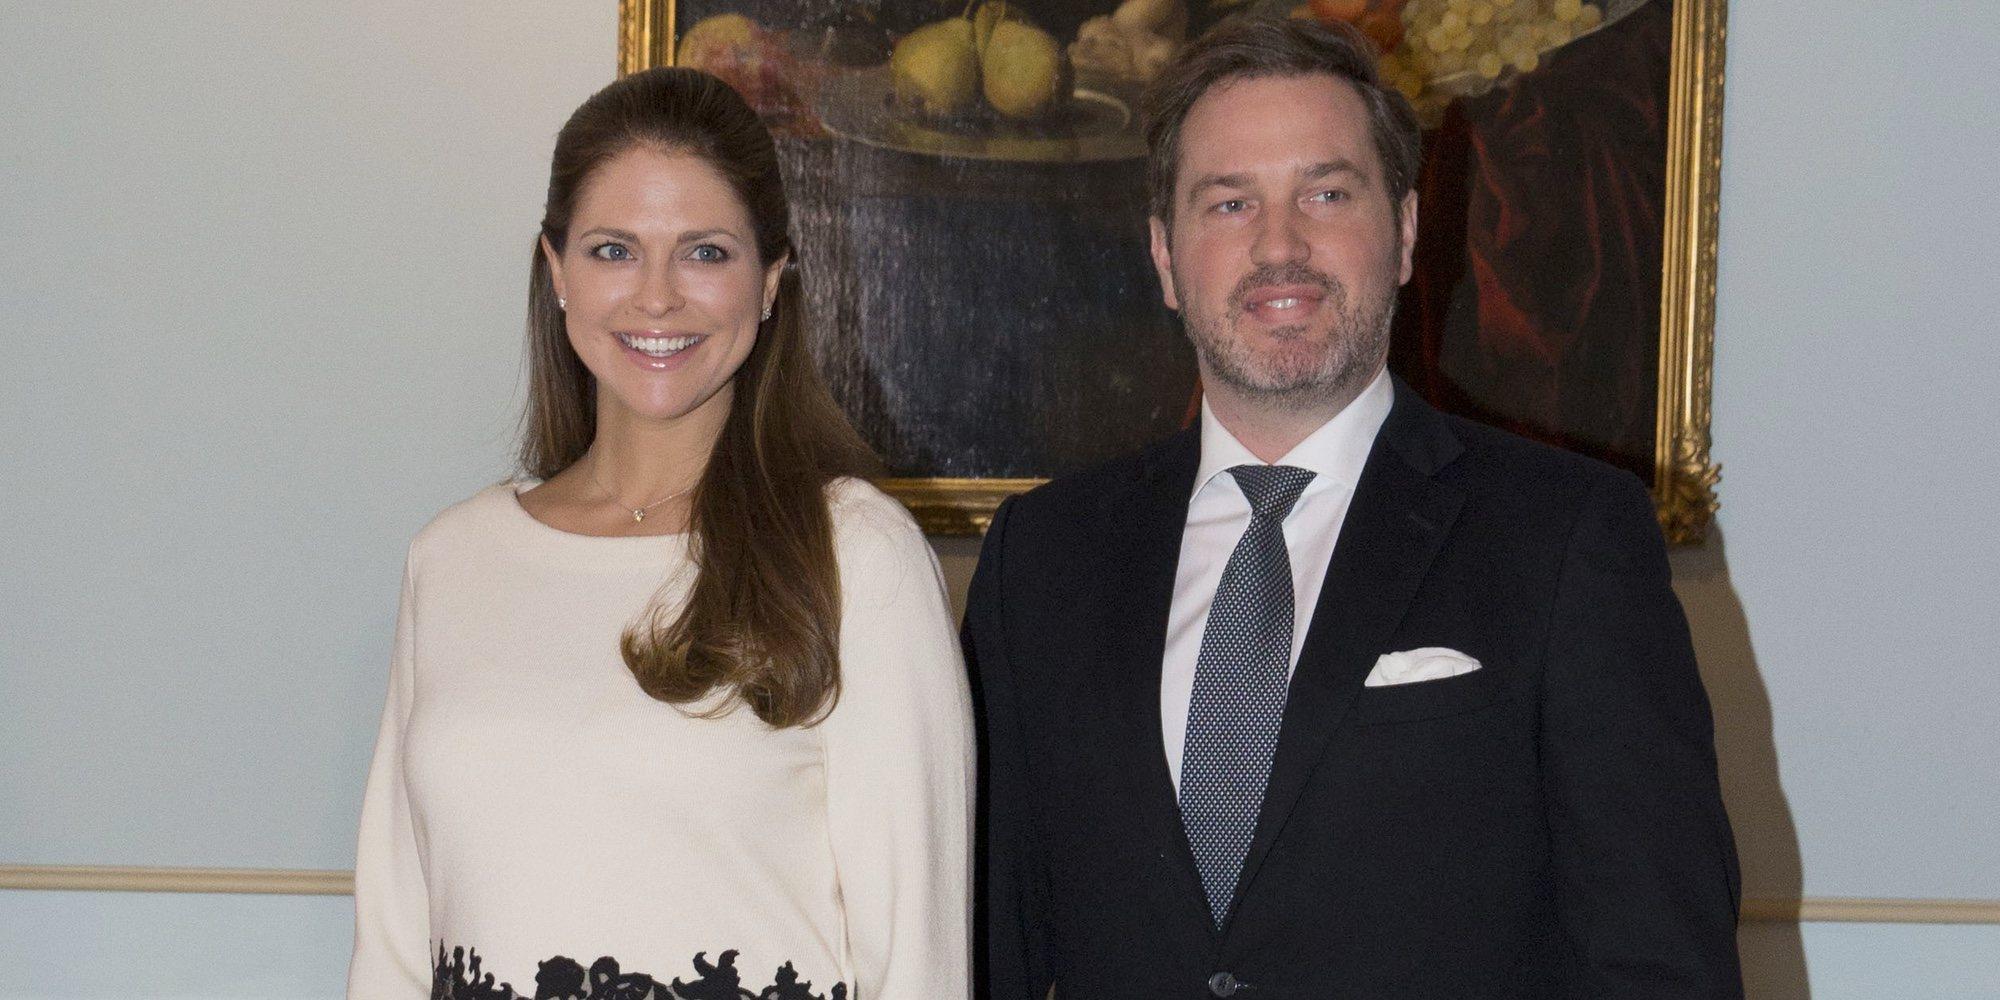 Los sorprendentes y esperados planes de primavera/verano de Magdalena de Suecia y Chris O'Neill